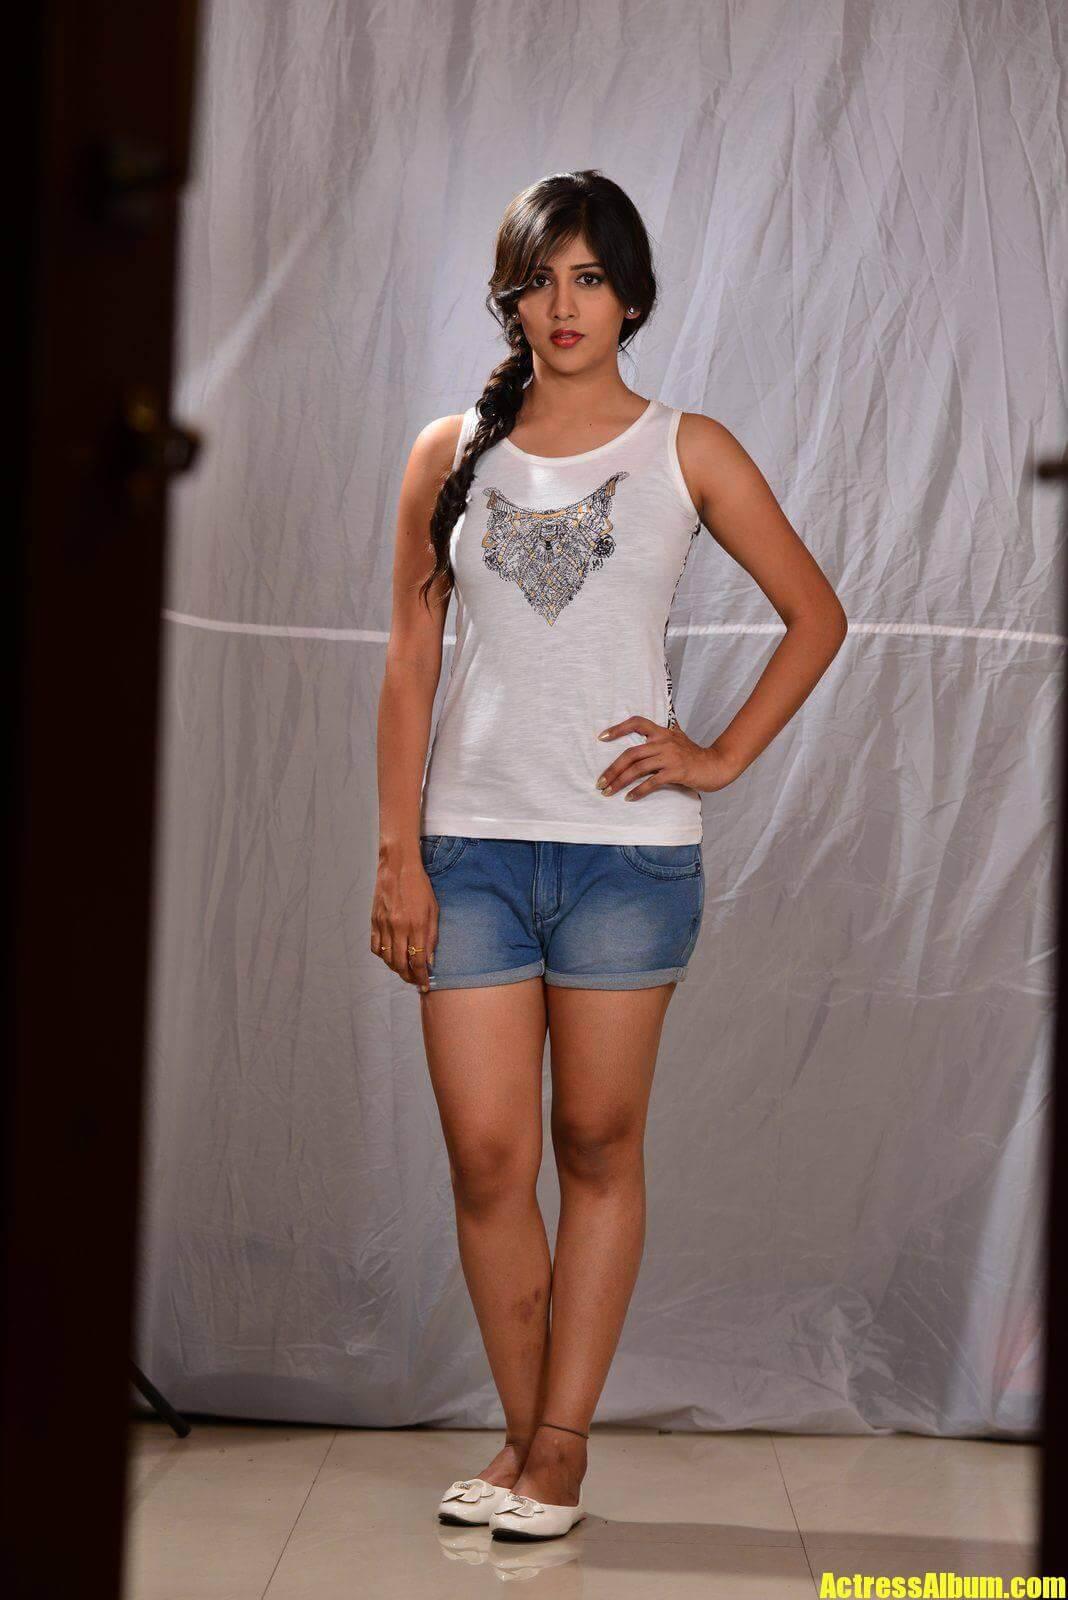 Actress Chandini Chowdary Long legs Hot Stills 2